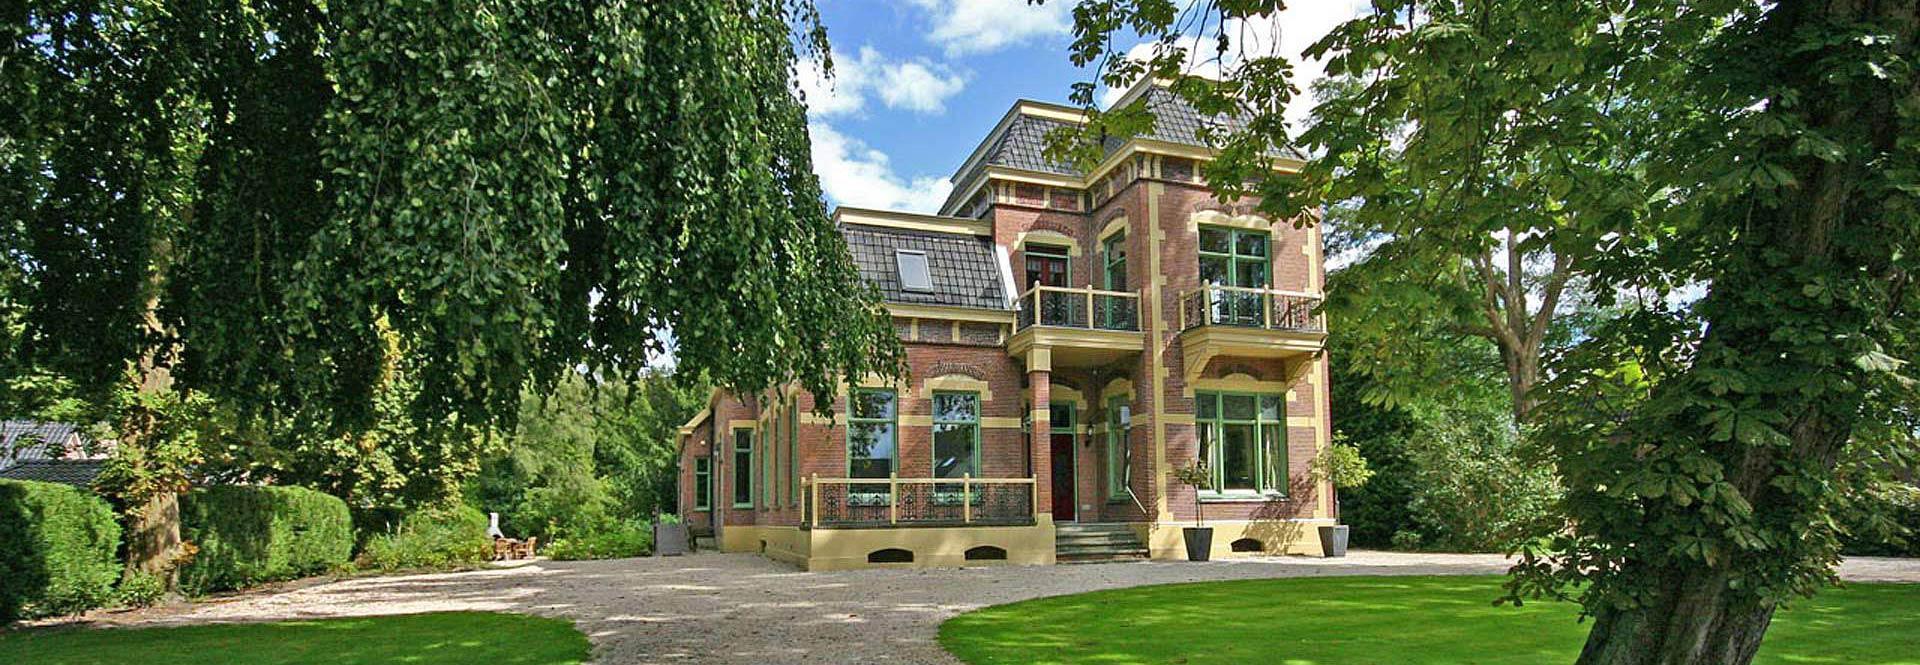 luxe vakantiehuis 20 personen privé bioscoop, sauna en jacuzzi in Drenthe, Nederland